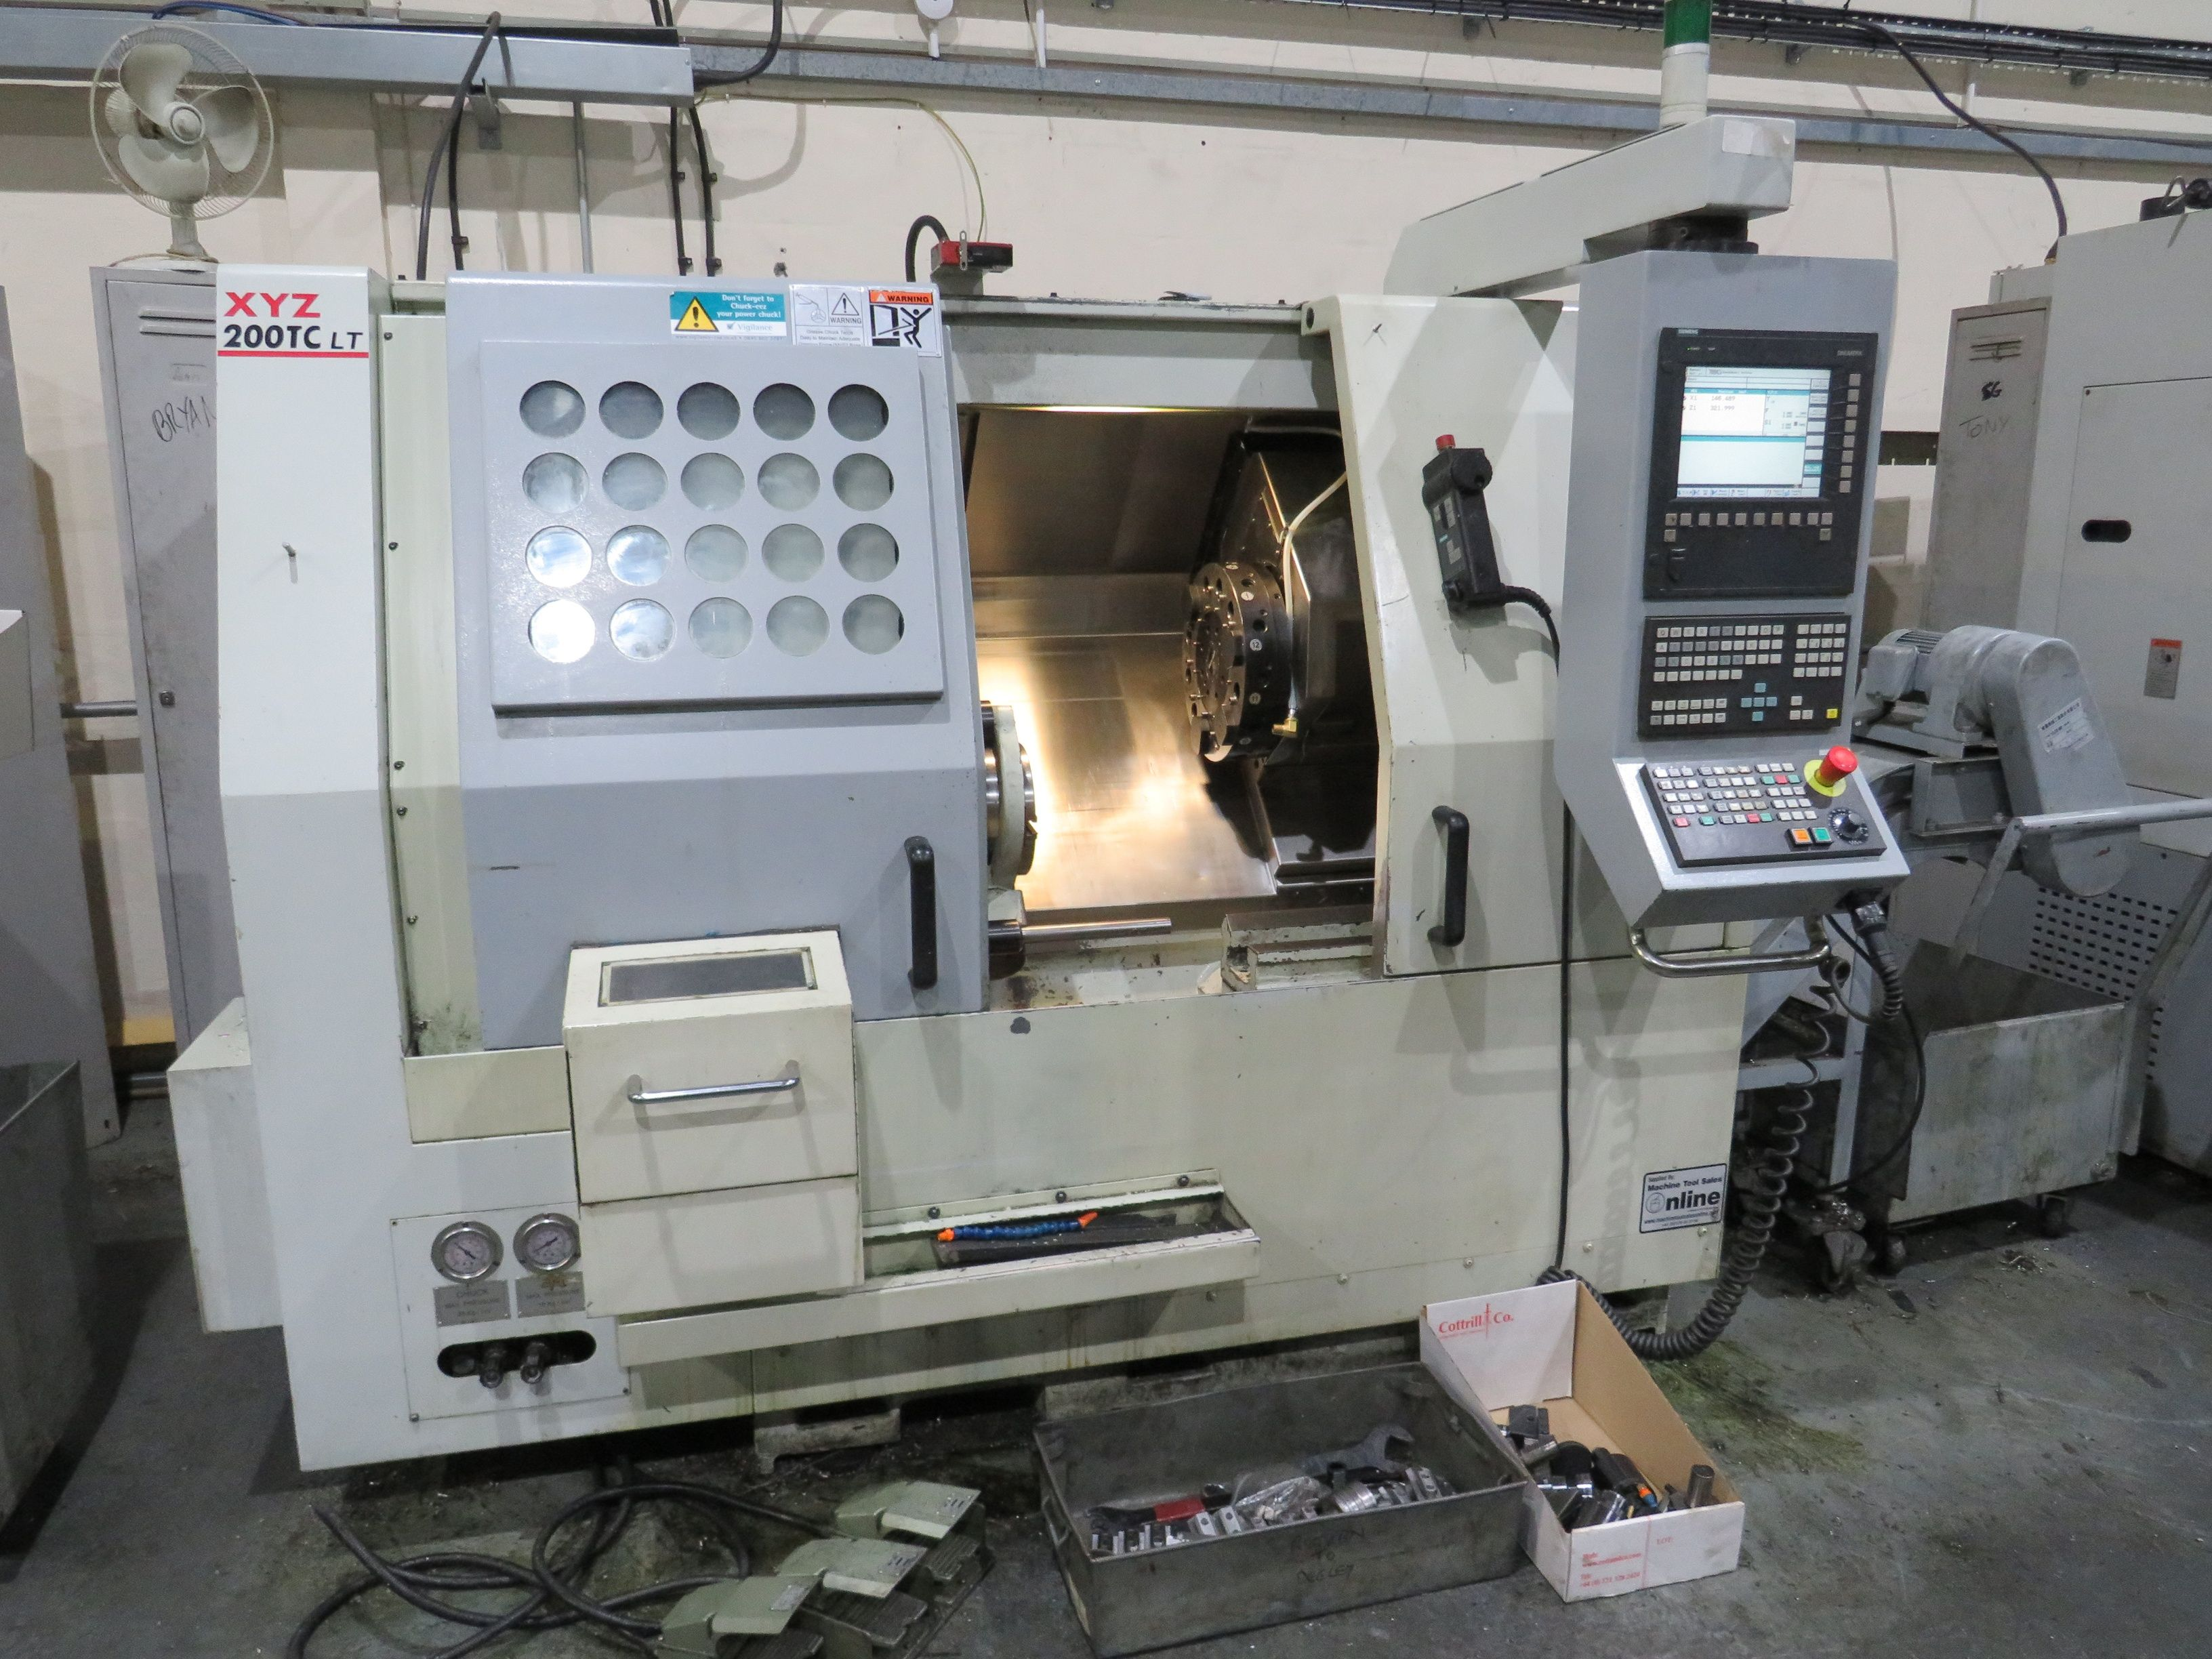 Drehmaschine CNC XYZ 200TC LT